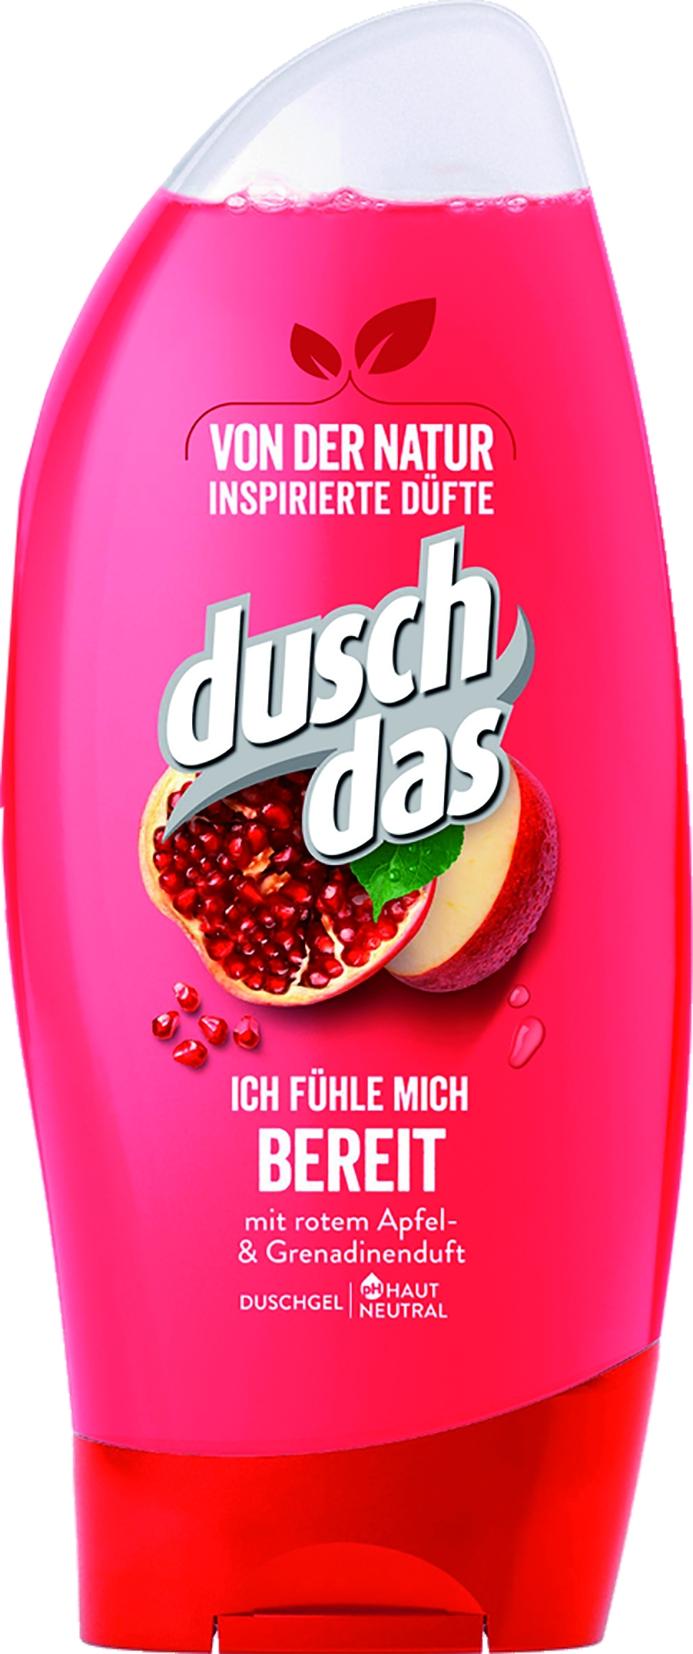 Duschgel Bereit